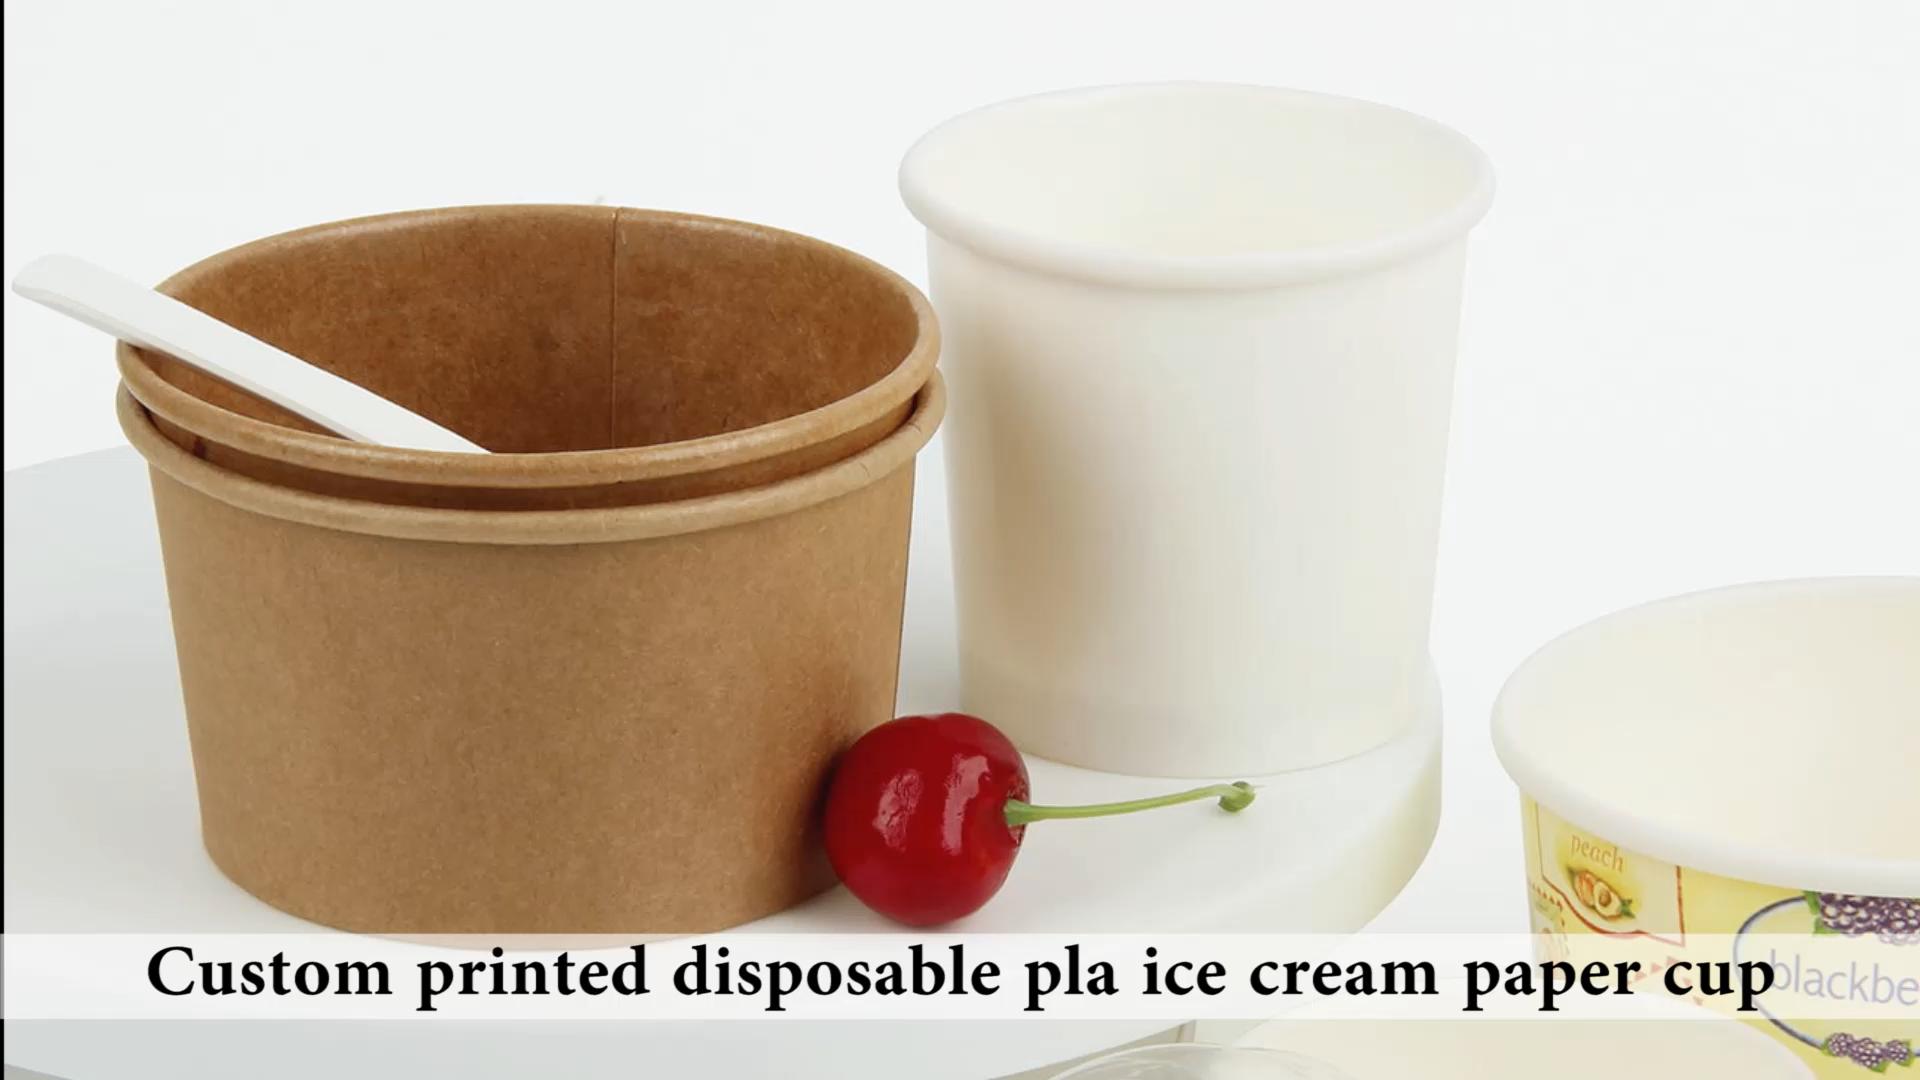 เยลลี่ผลไม้ถ้วยกระดาษสำหรับไอศครีม3ออนซ์,5ออนซ์ไอศครีมถ้วยกระดาษ,5ออนซ์ถ้วยโยเกิร์ตแช่แข็ง